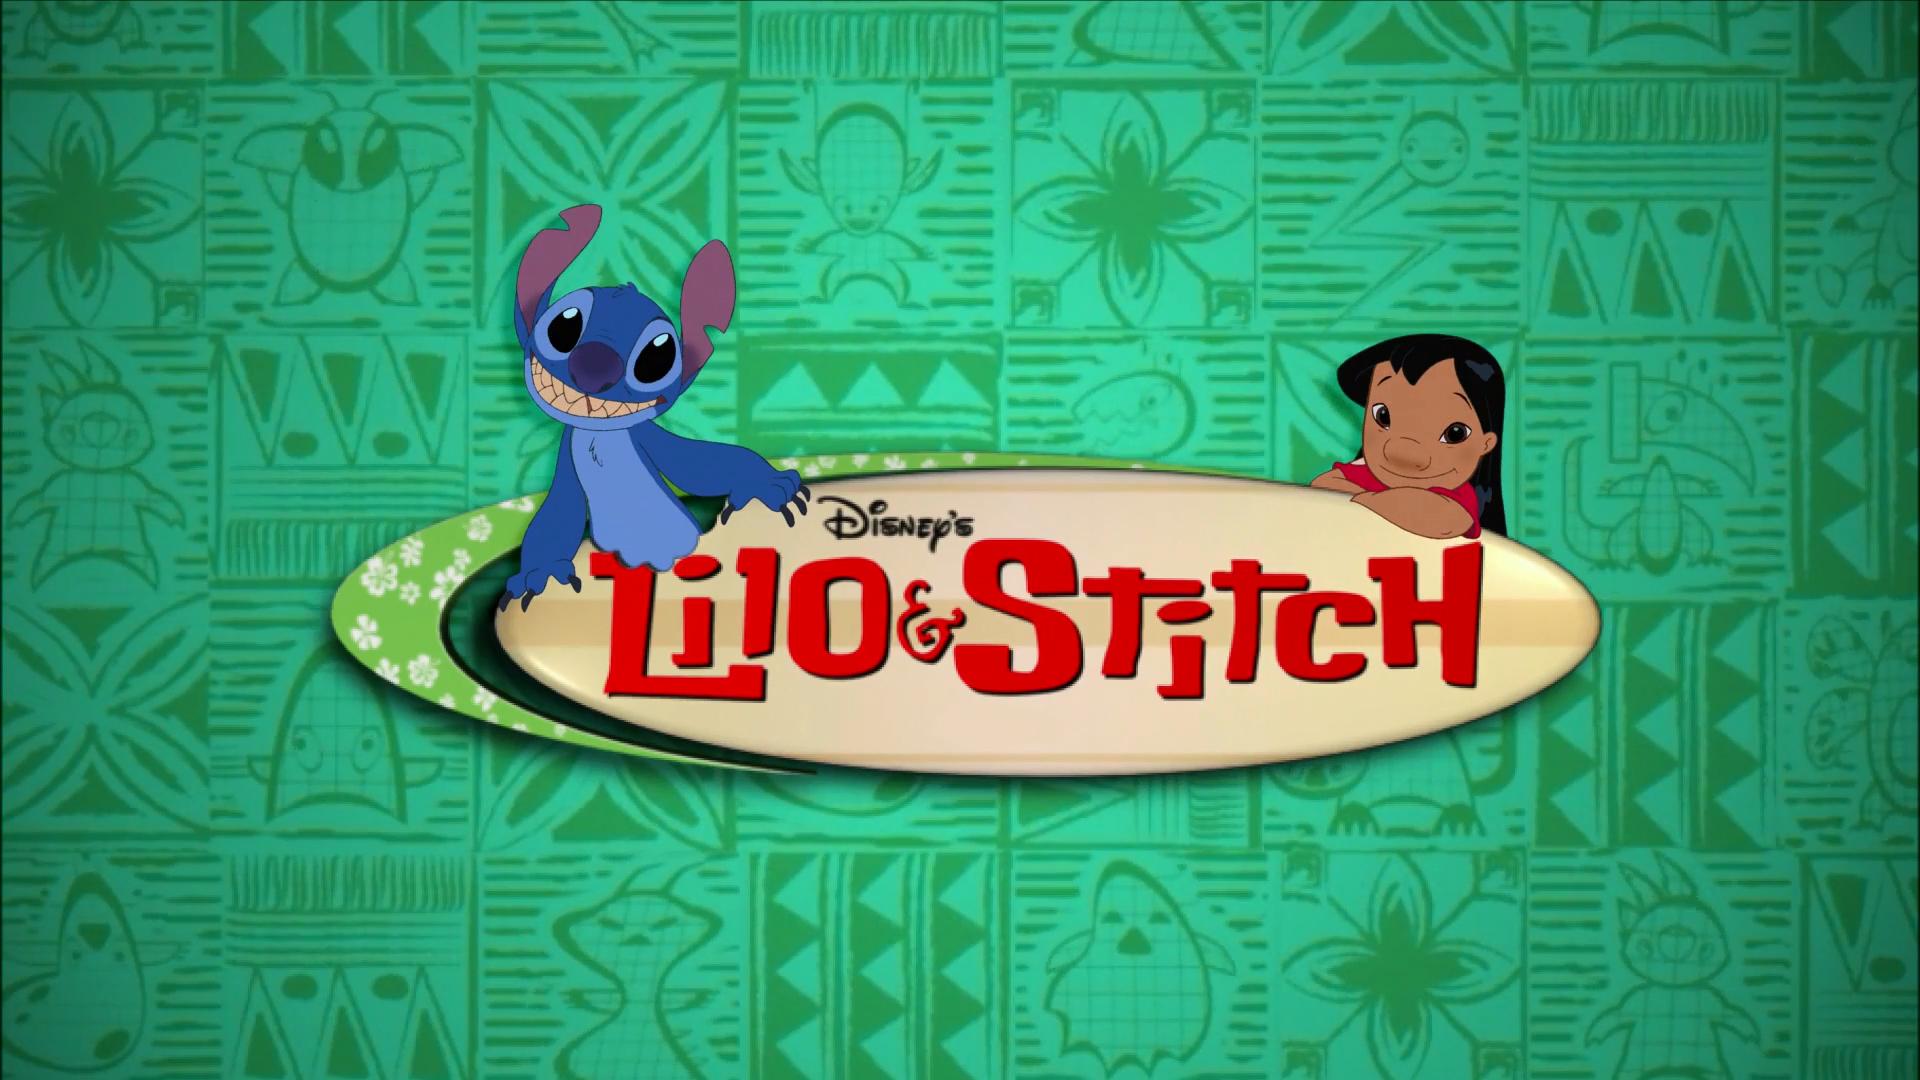 Lilo and stitch beginning song lyrics